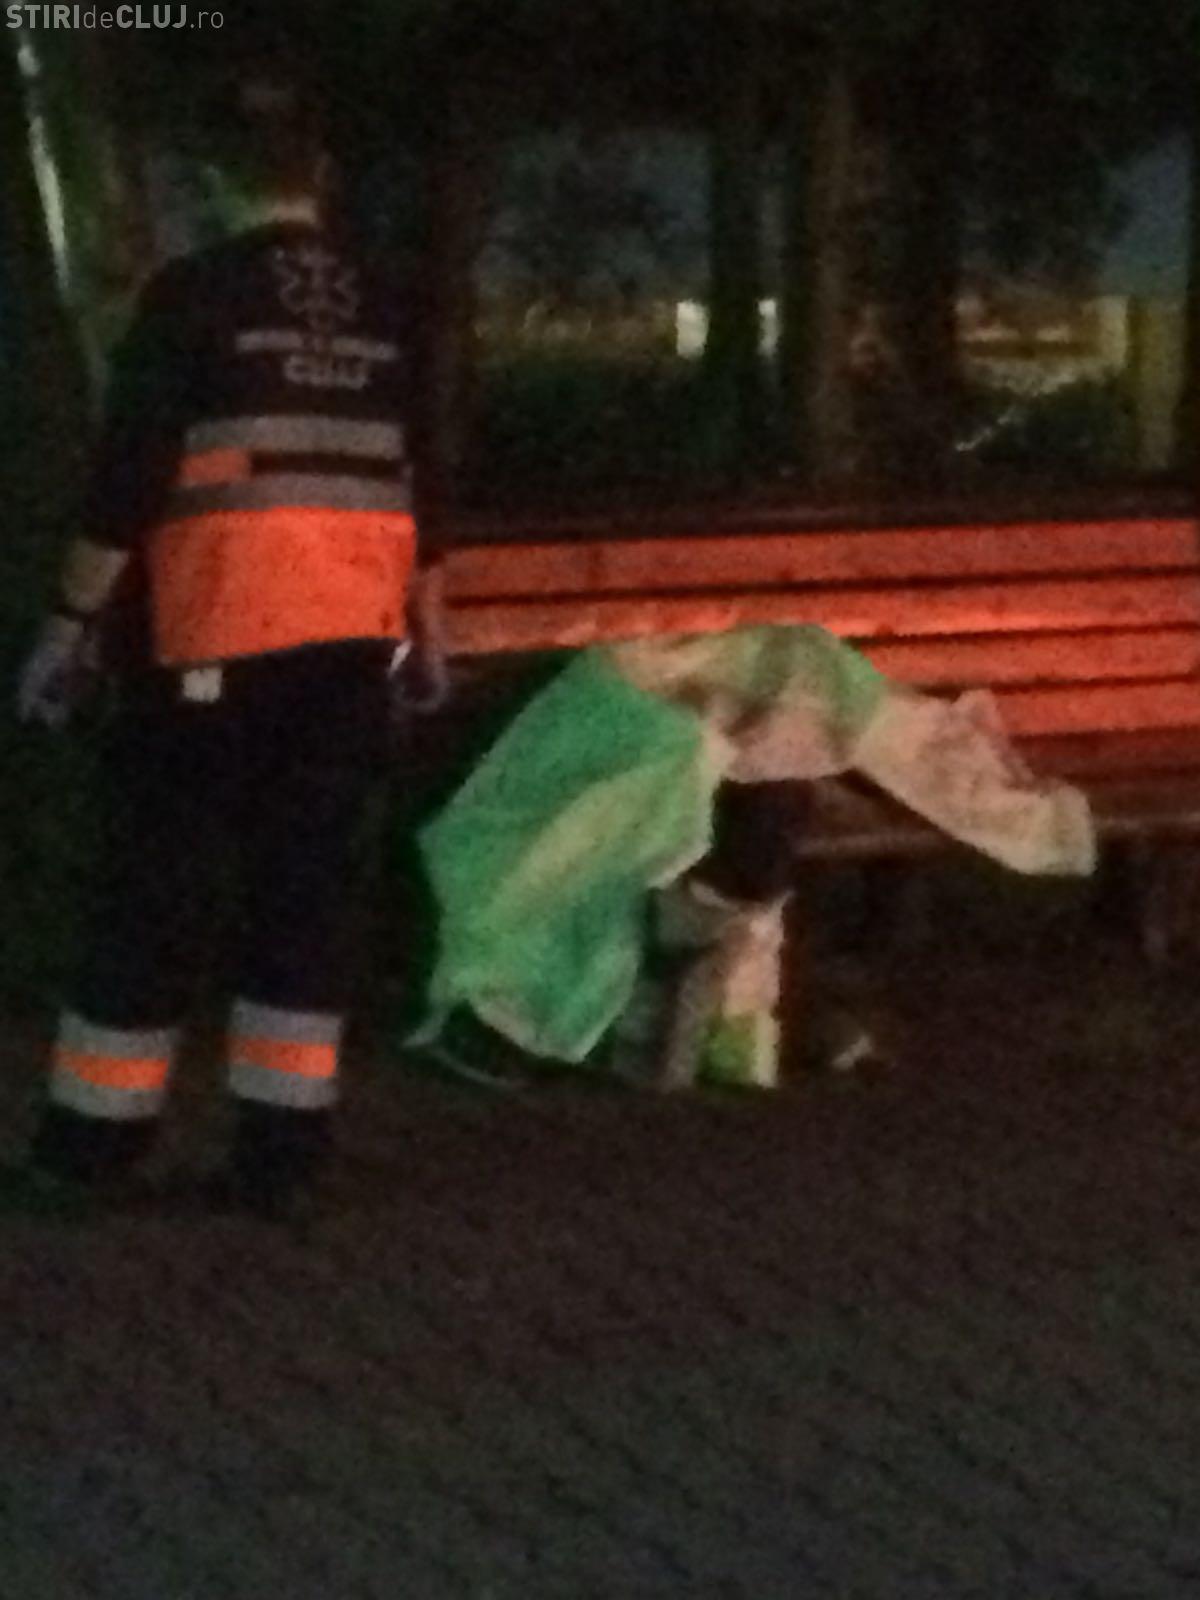 EXCLUSIV - Un bărbat a murit din cauza DROGURILOR, în cartierul Mănăștur - FOTO